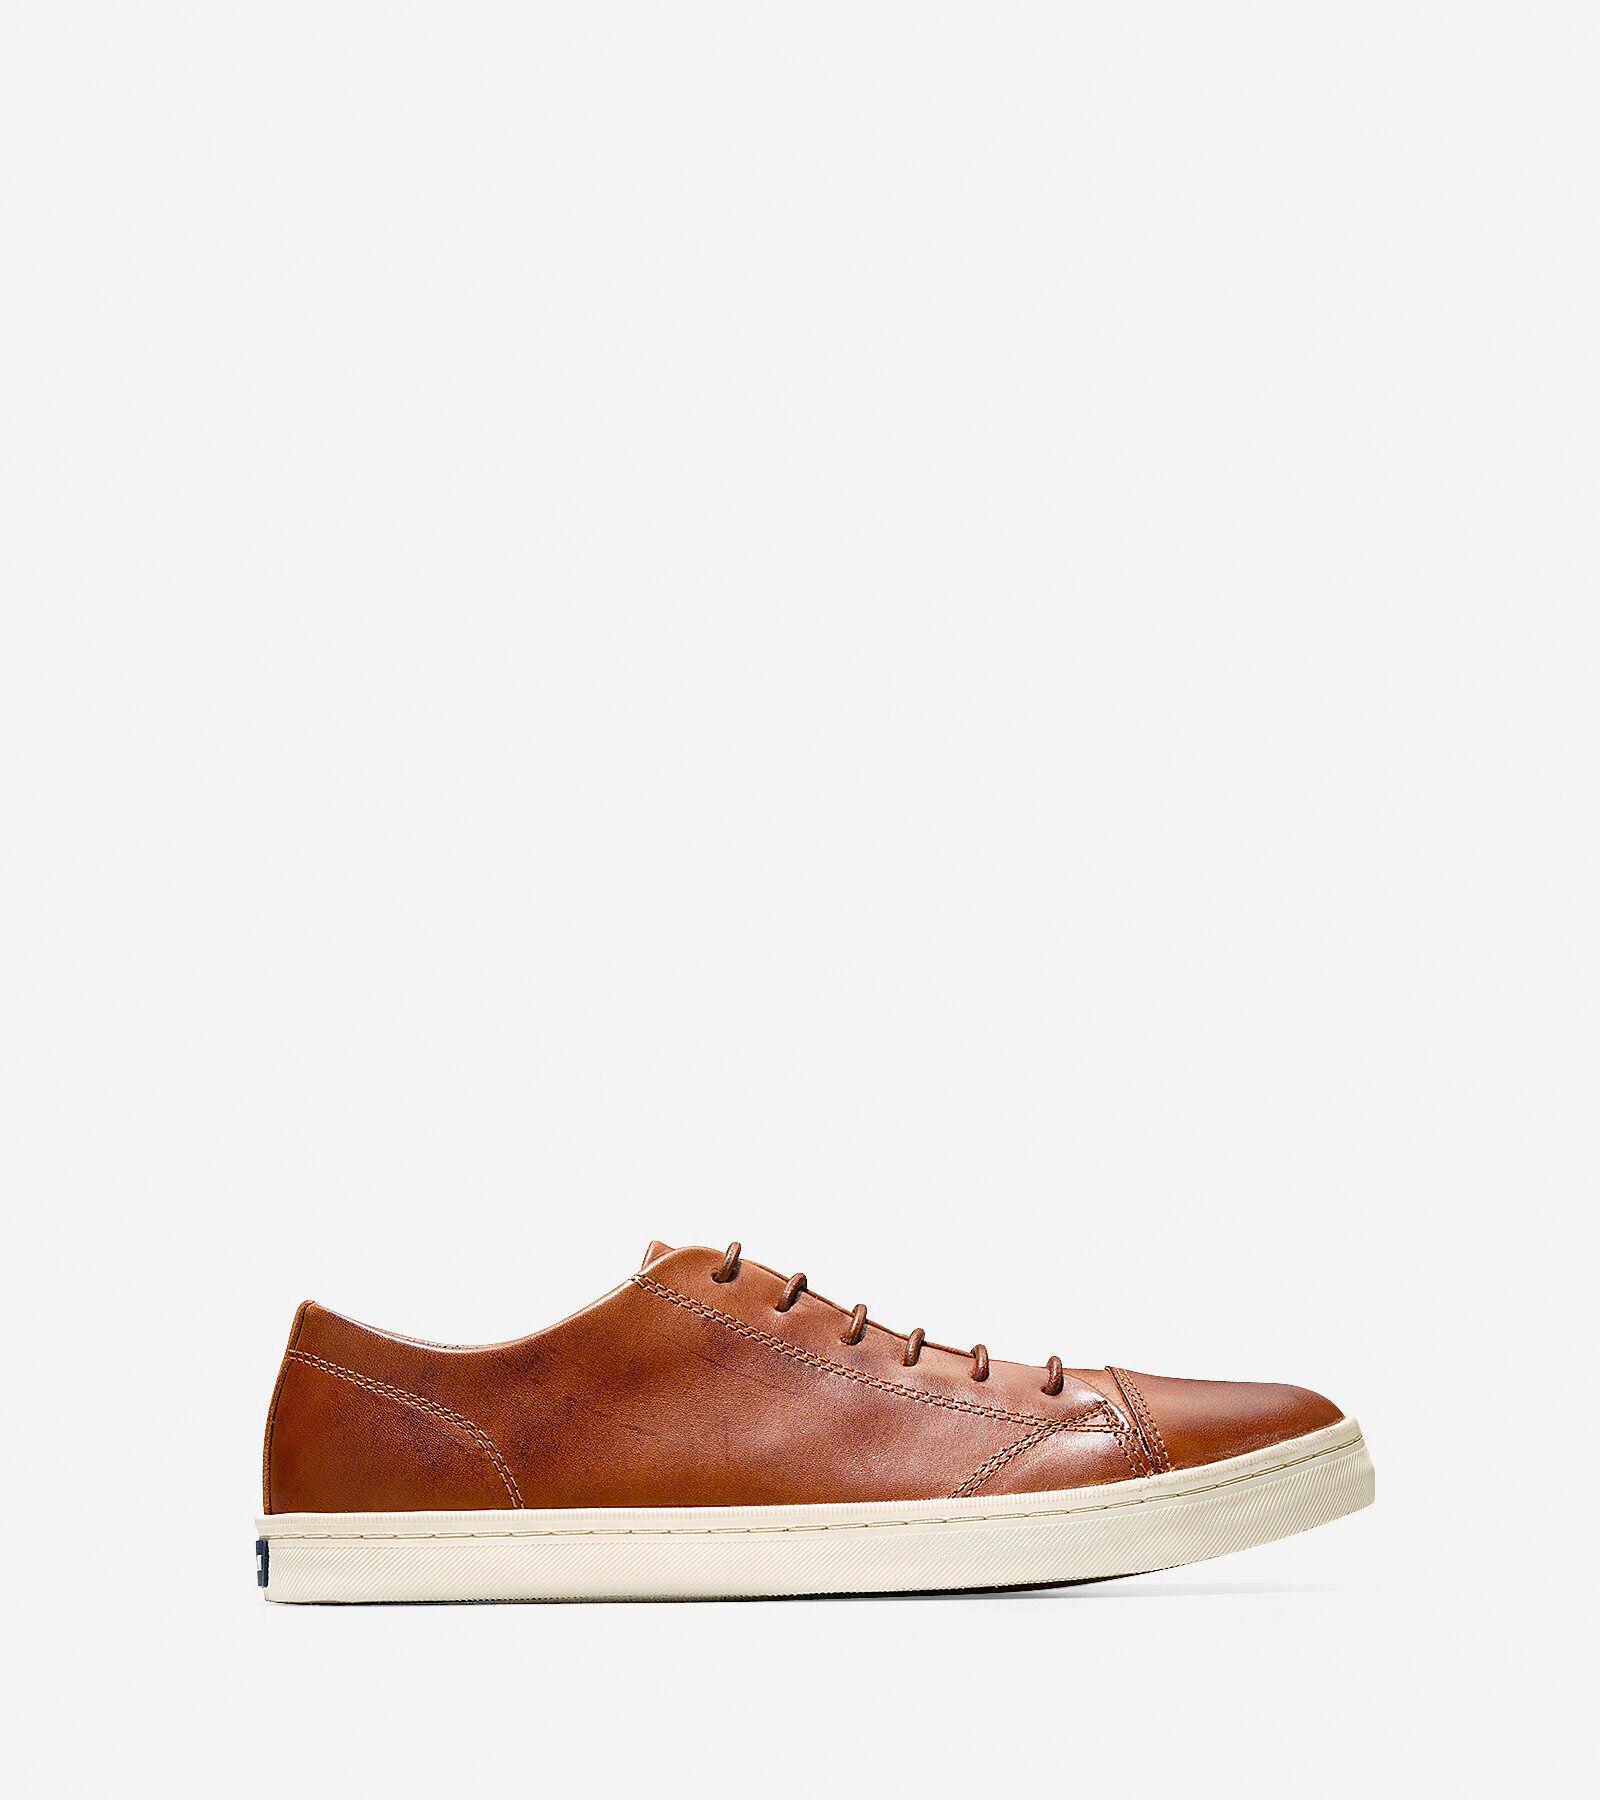 Men's Trafton Luxe Cap Toe Sneakers in